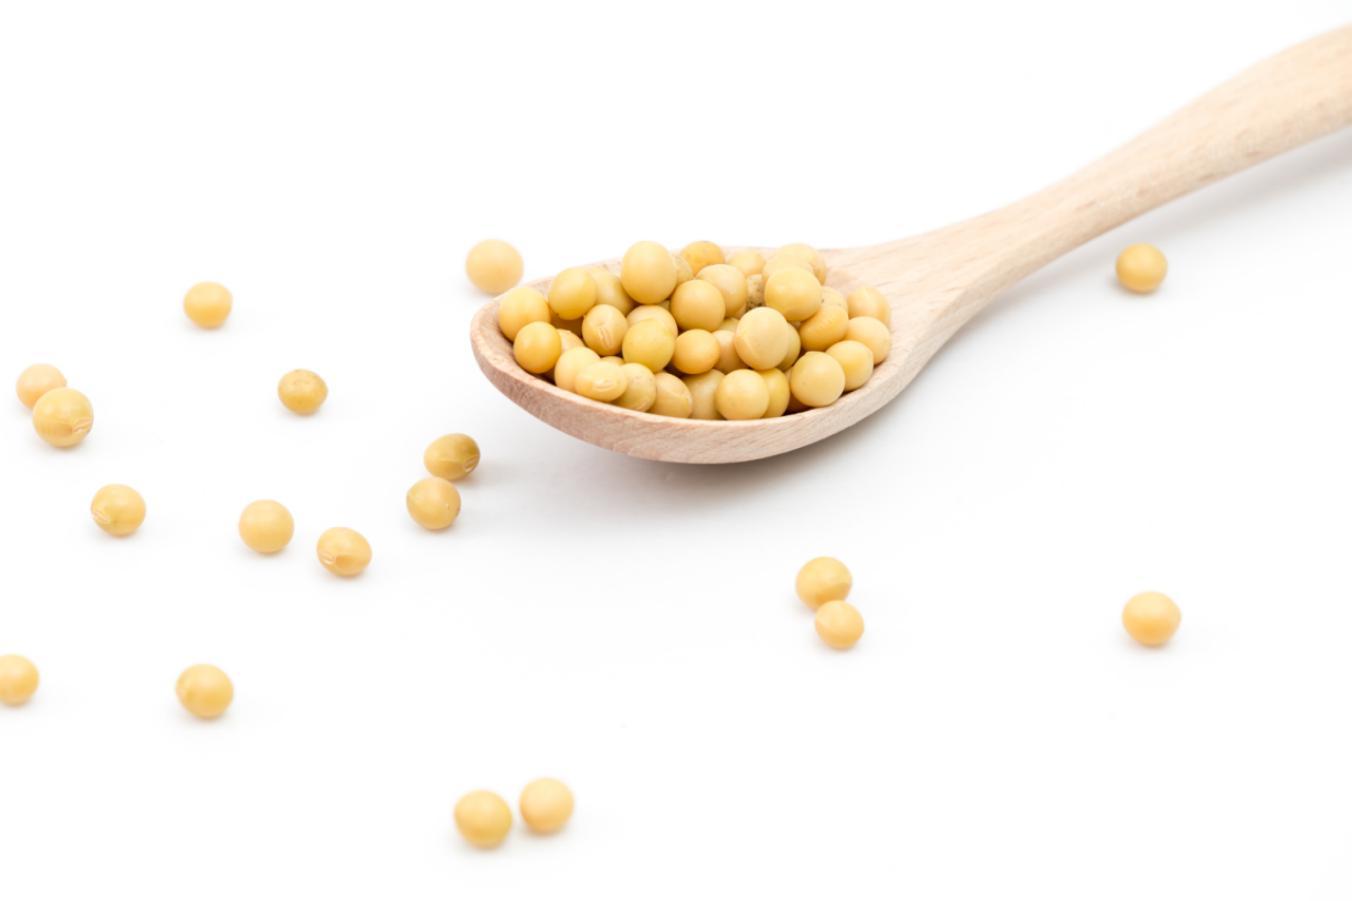 摄图网_500161698_散落的黄豆和木勺(非企业商用)